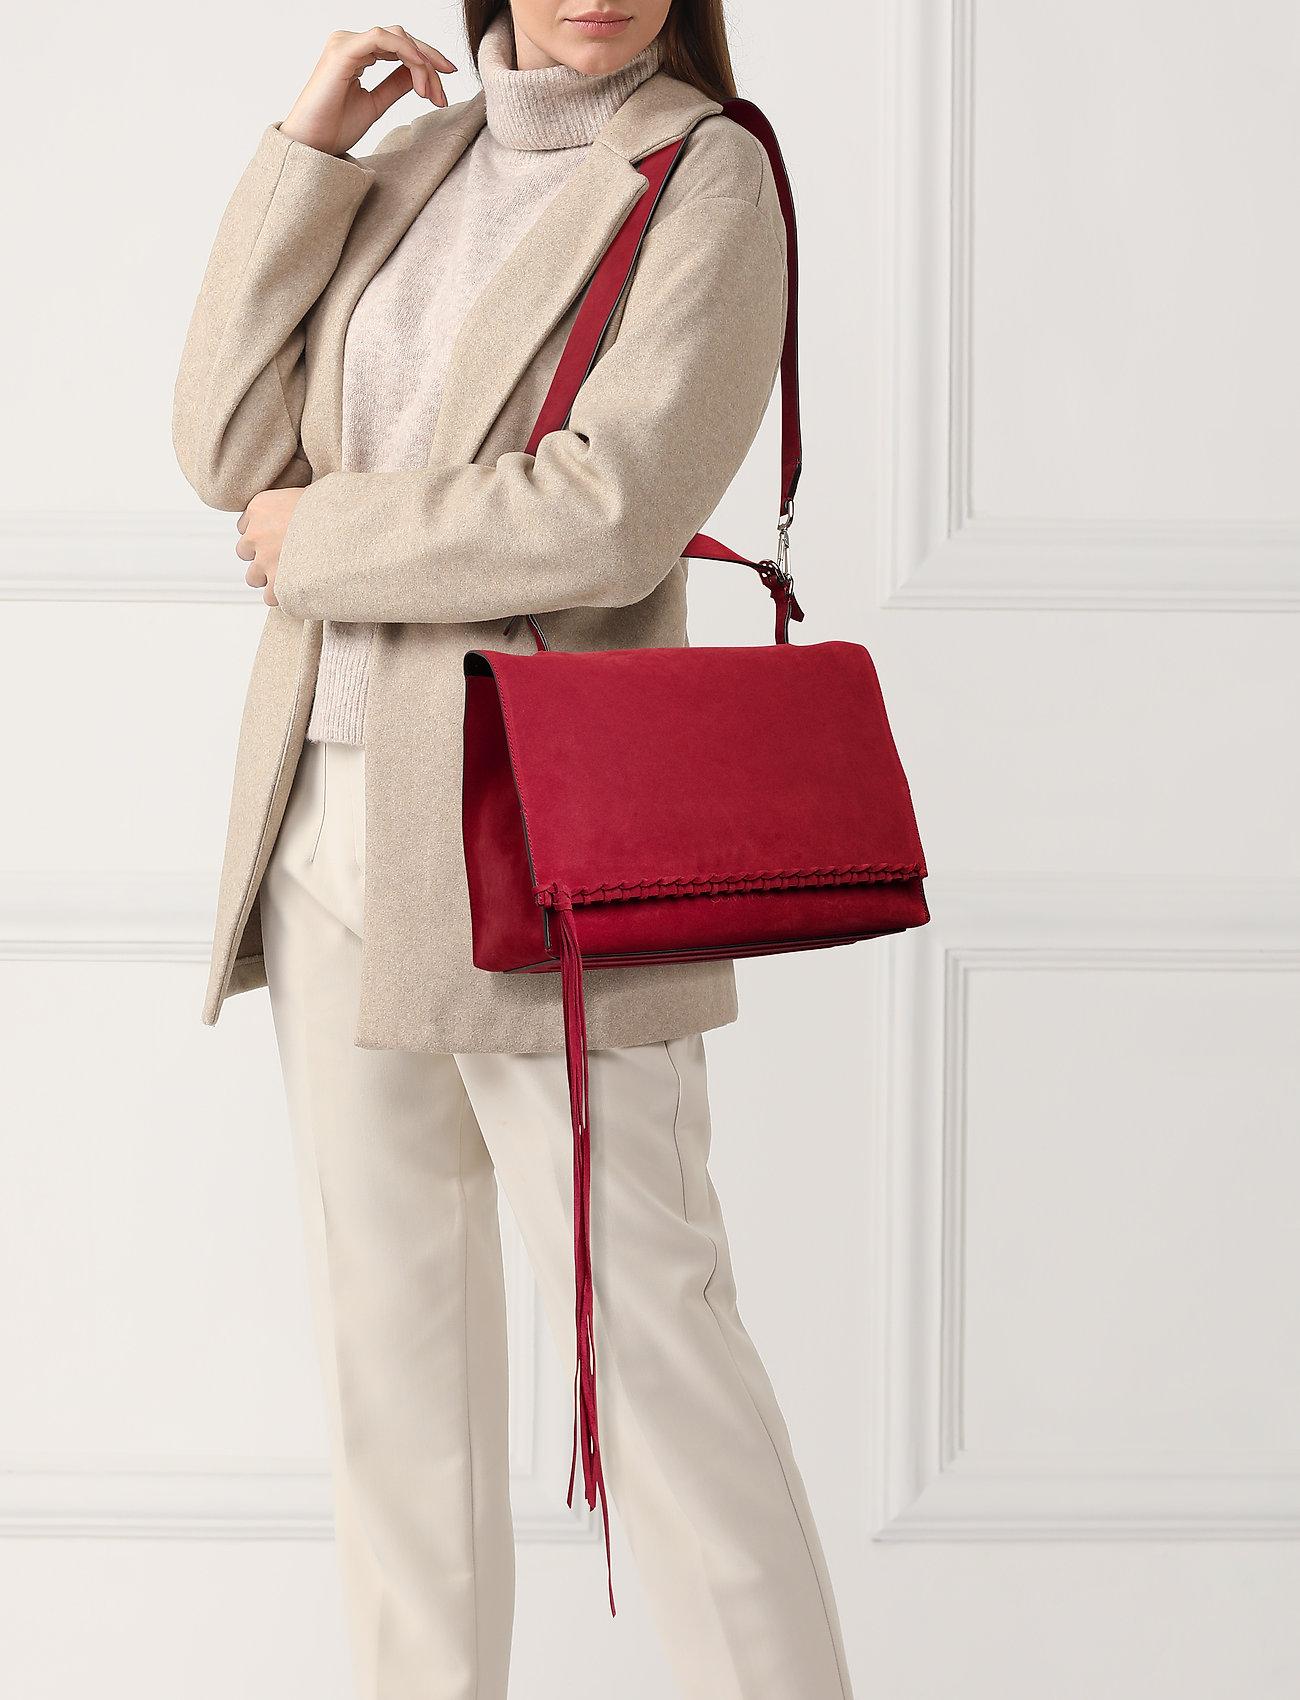 Calvin Klein FRINGE SATCHEL SU - BARN RED